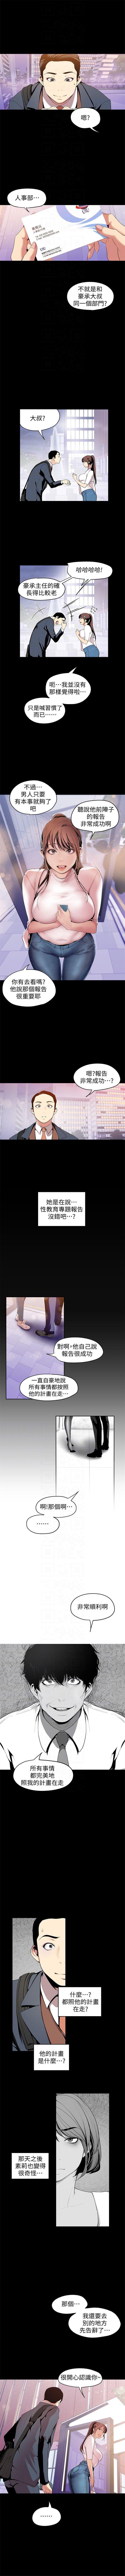 (週1)美麗新世界 1-70 中文翻譯 (更新中) 349